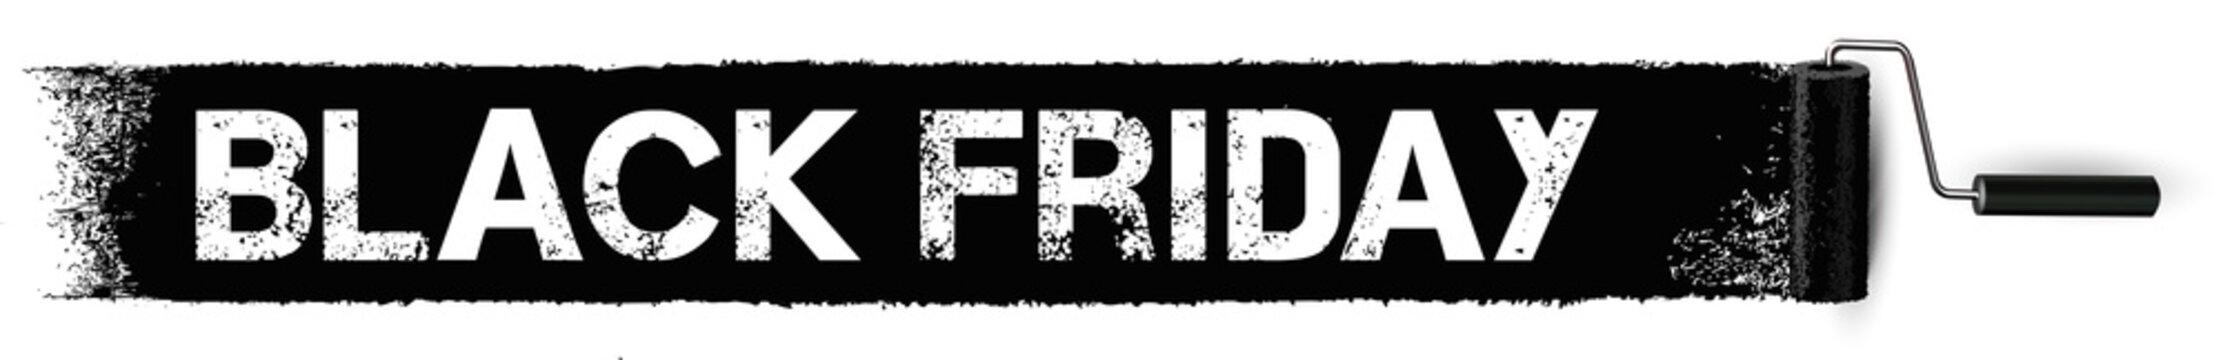 Black Friday Sale - Anstrich mit Farbroller Banner, Textur schwarz